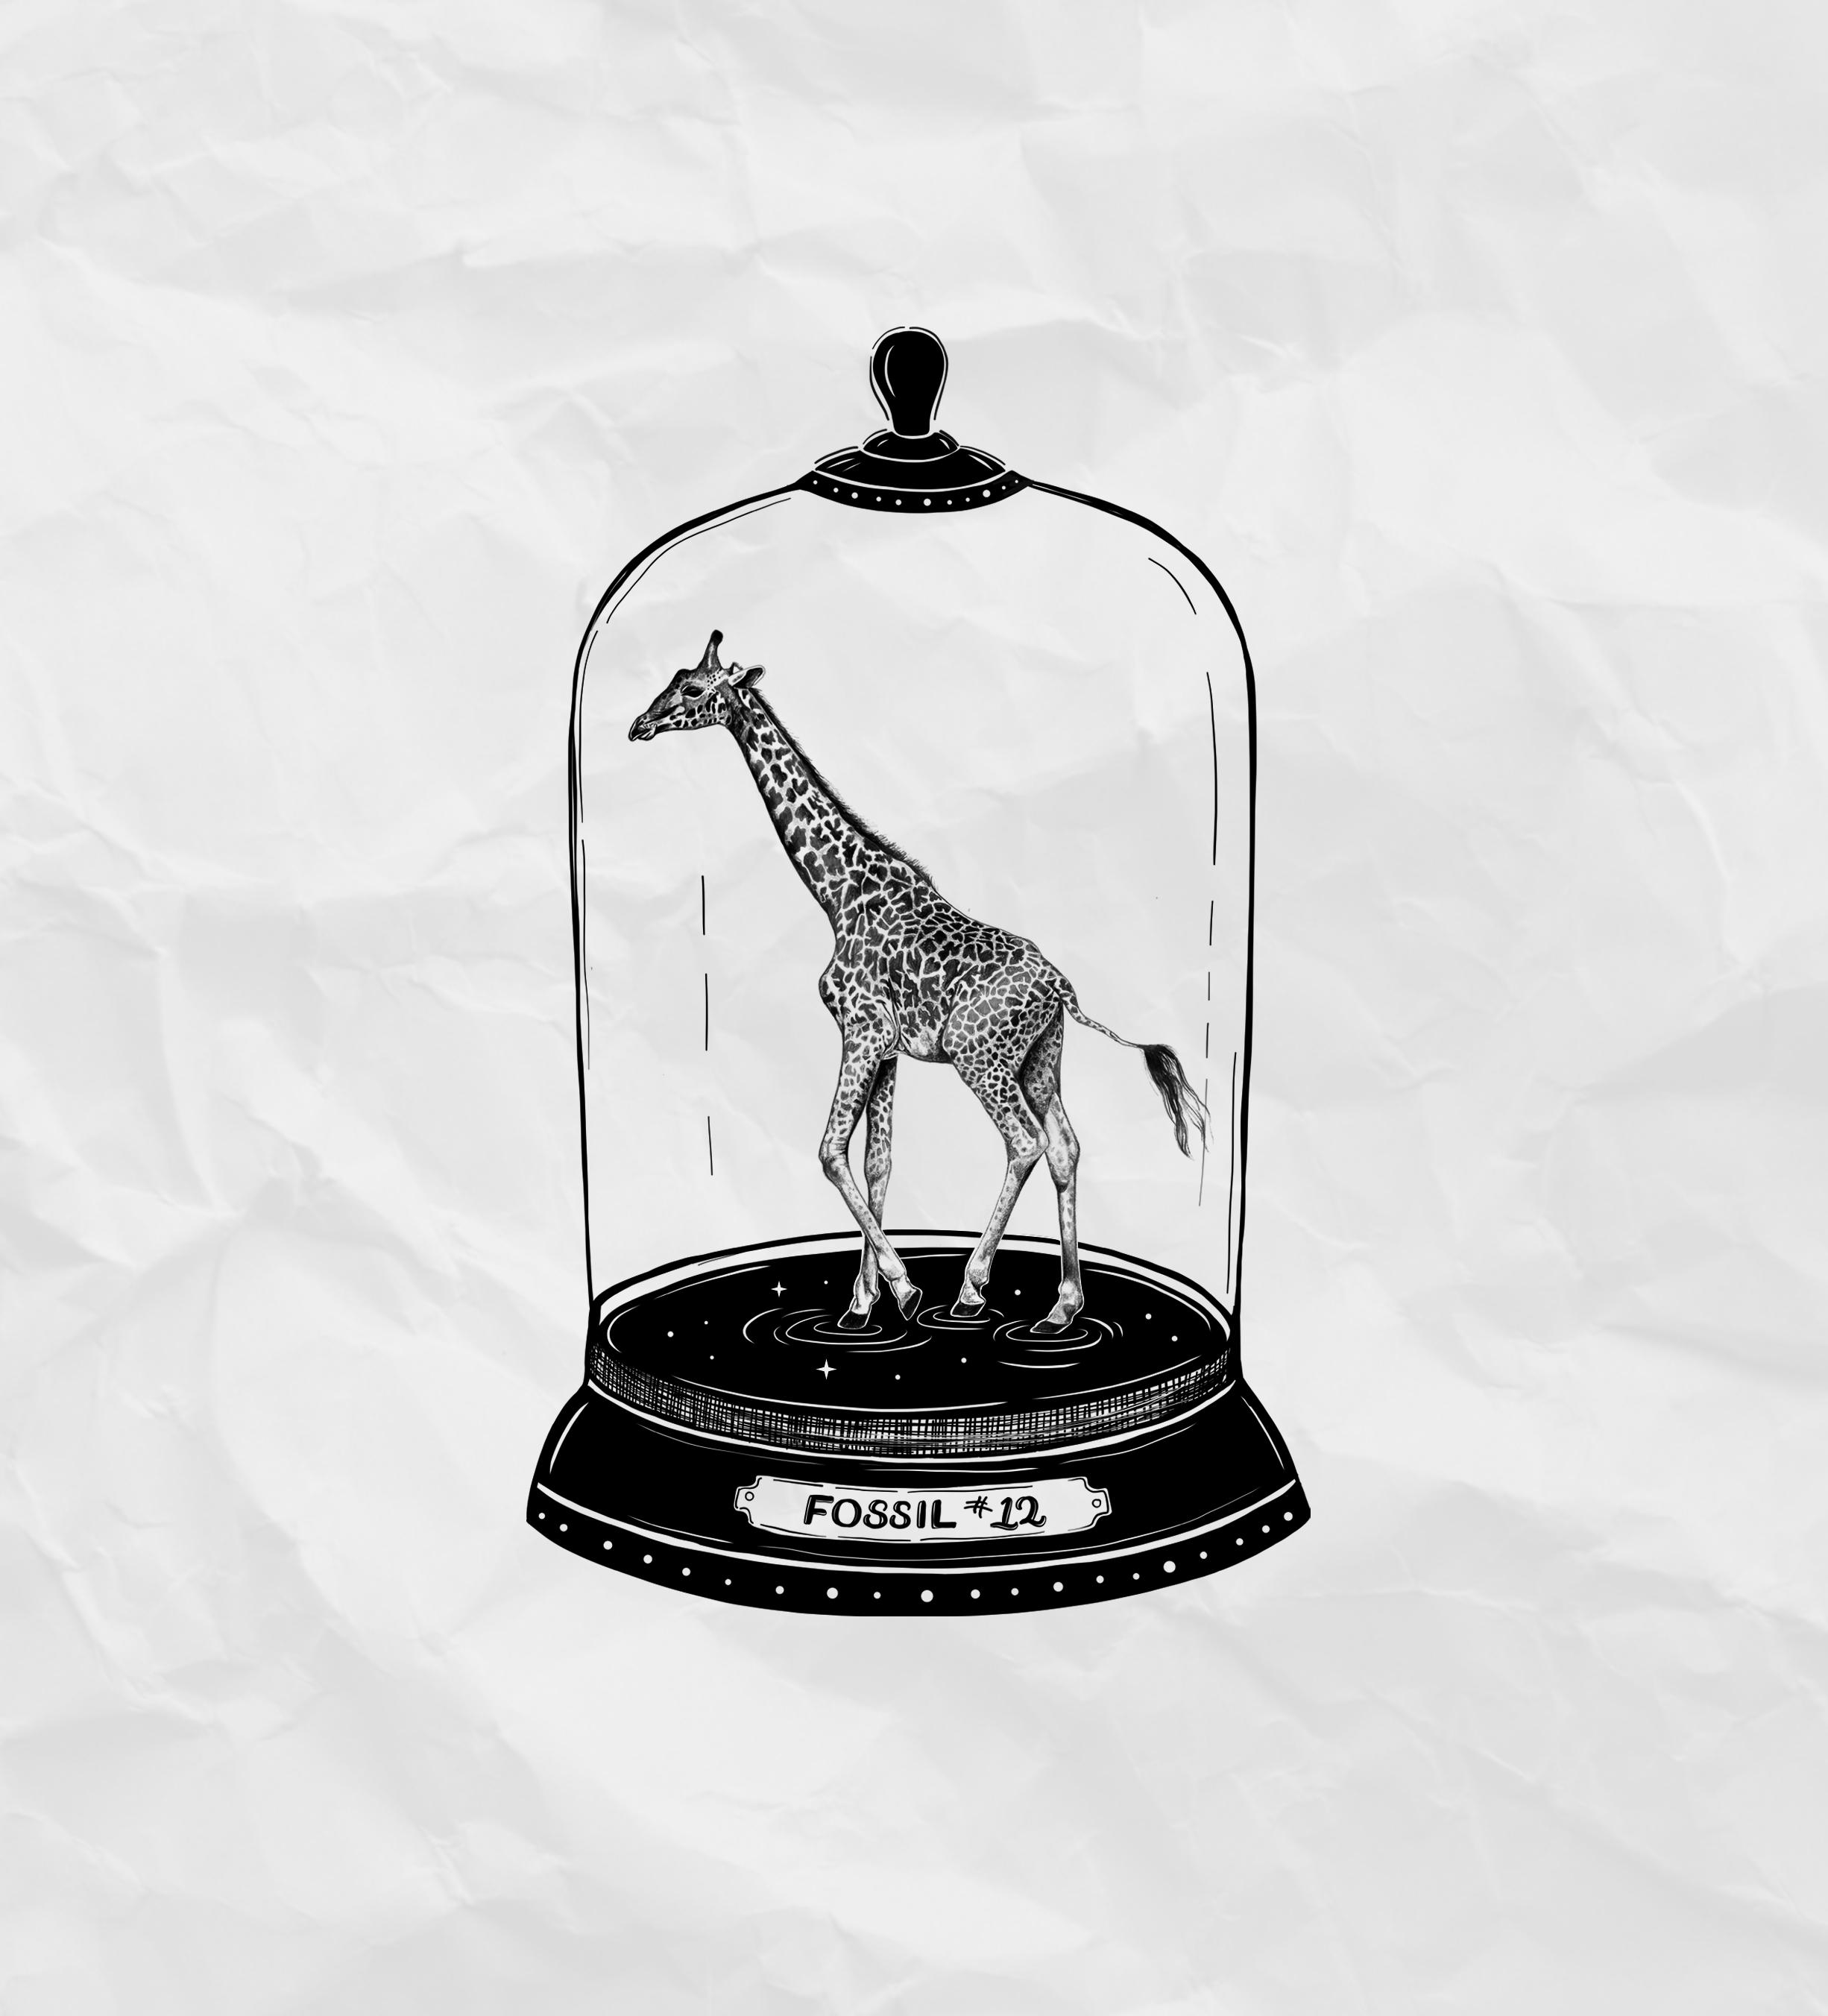 Fossil #12, The Giraffe